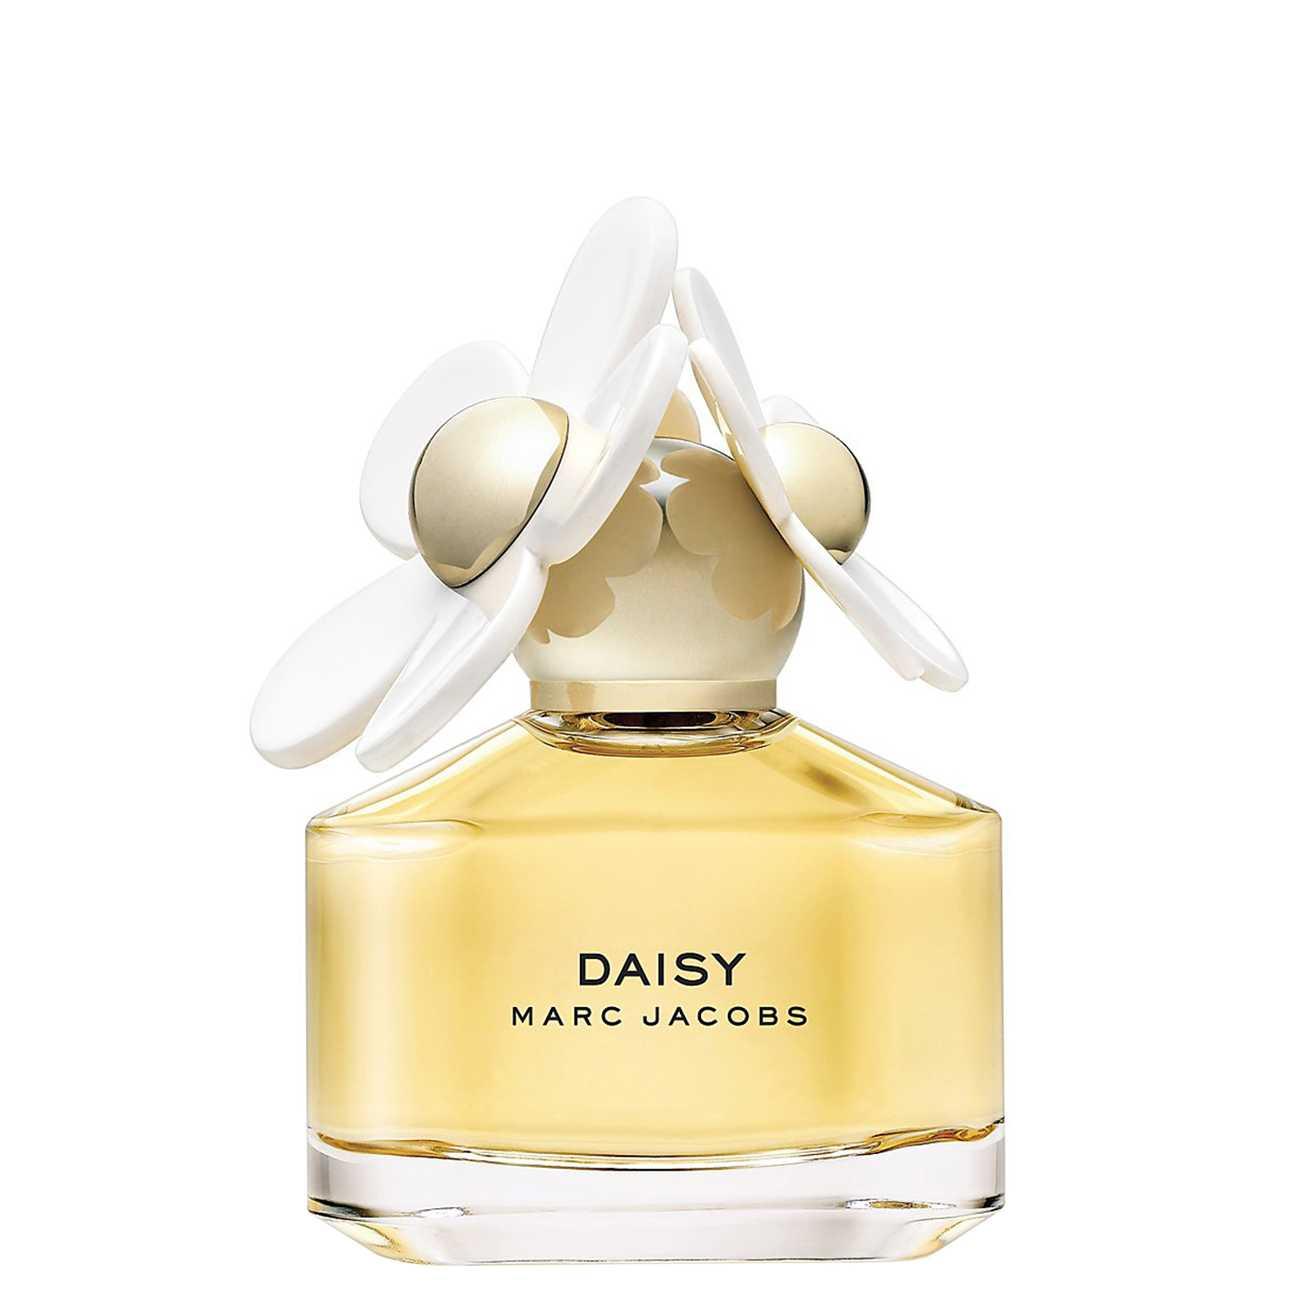 Daisy 100ml